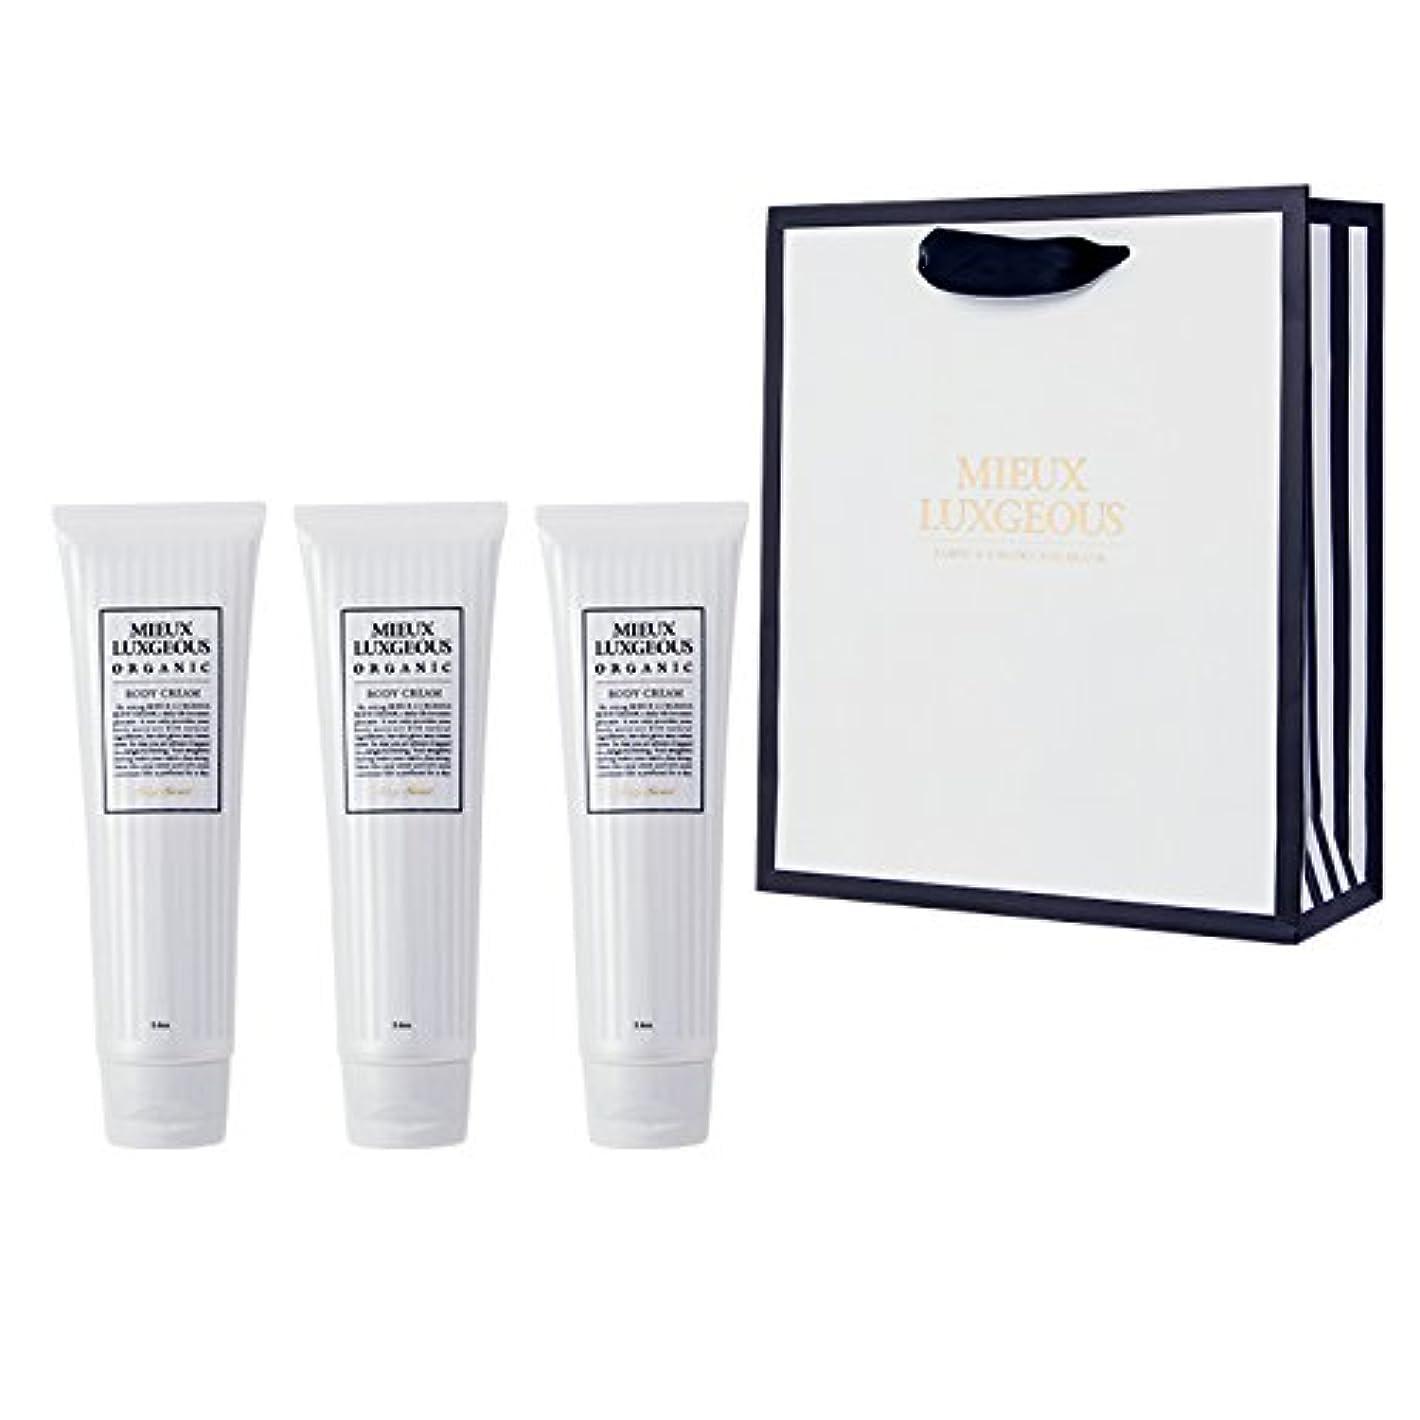 反射ファランクススクランブルBody Cream 3本set with Paperbag02